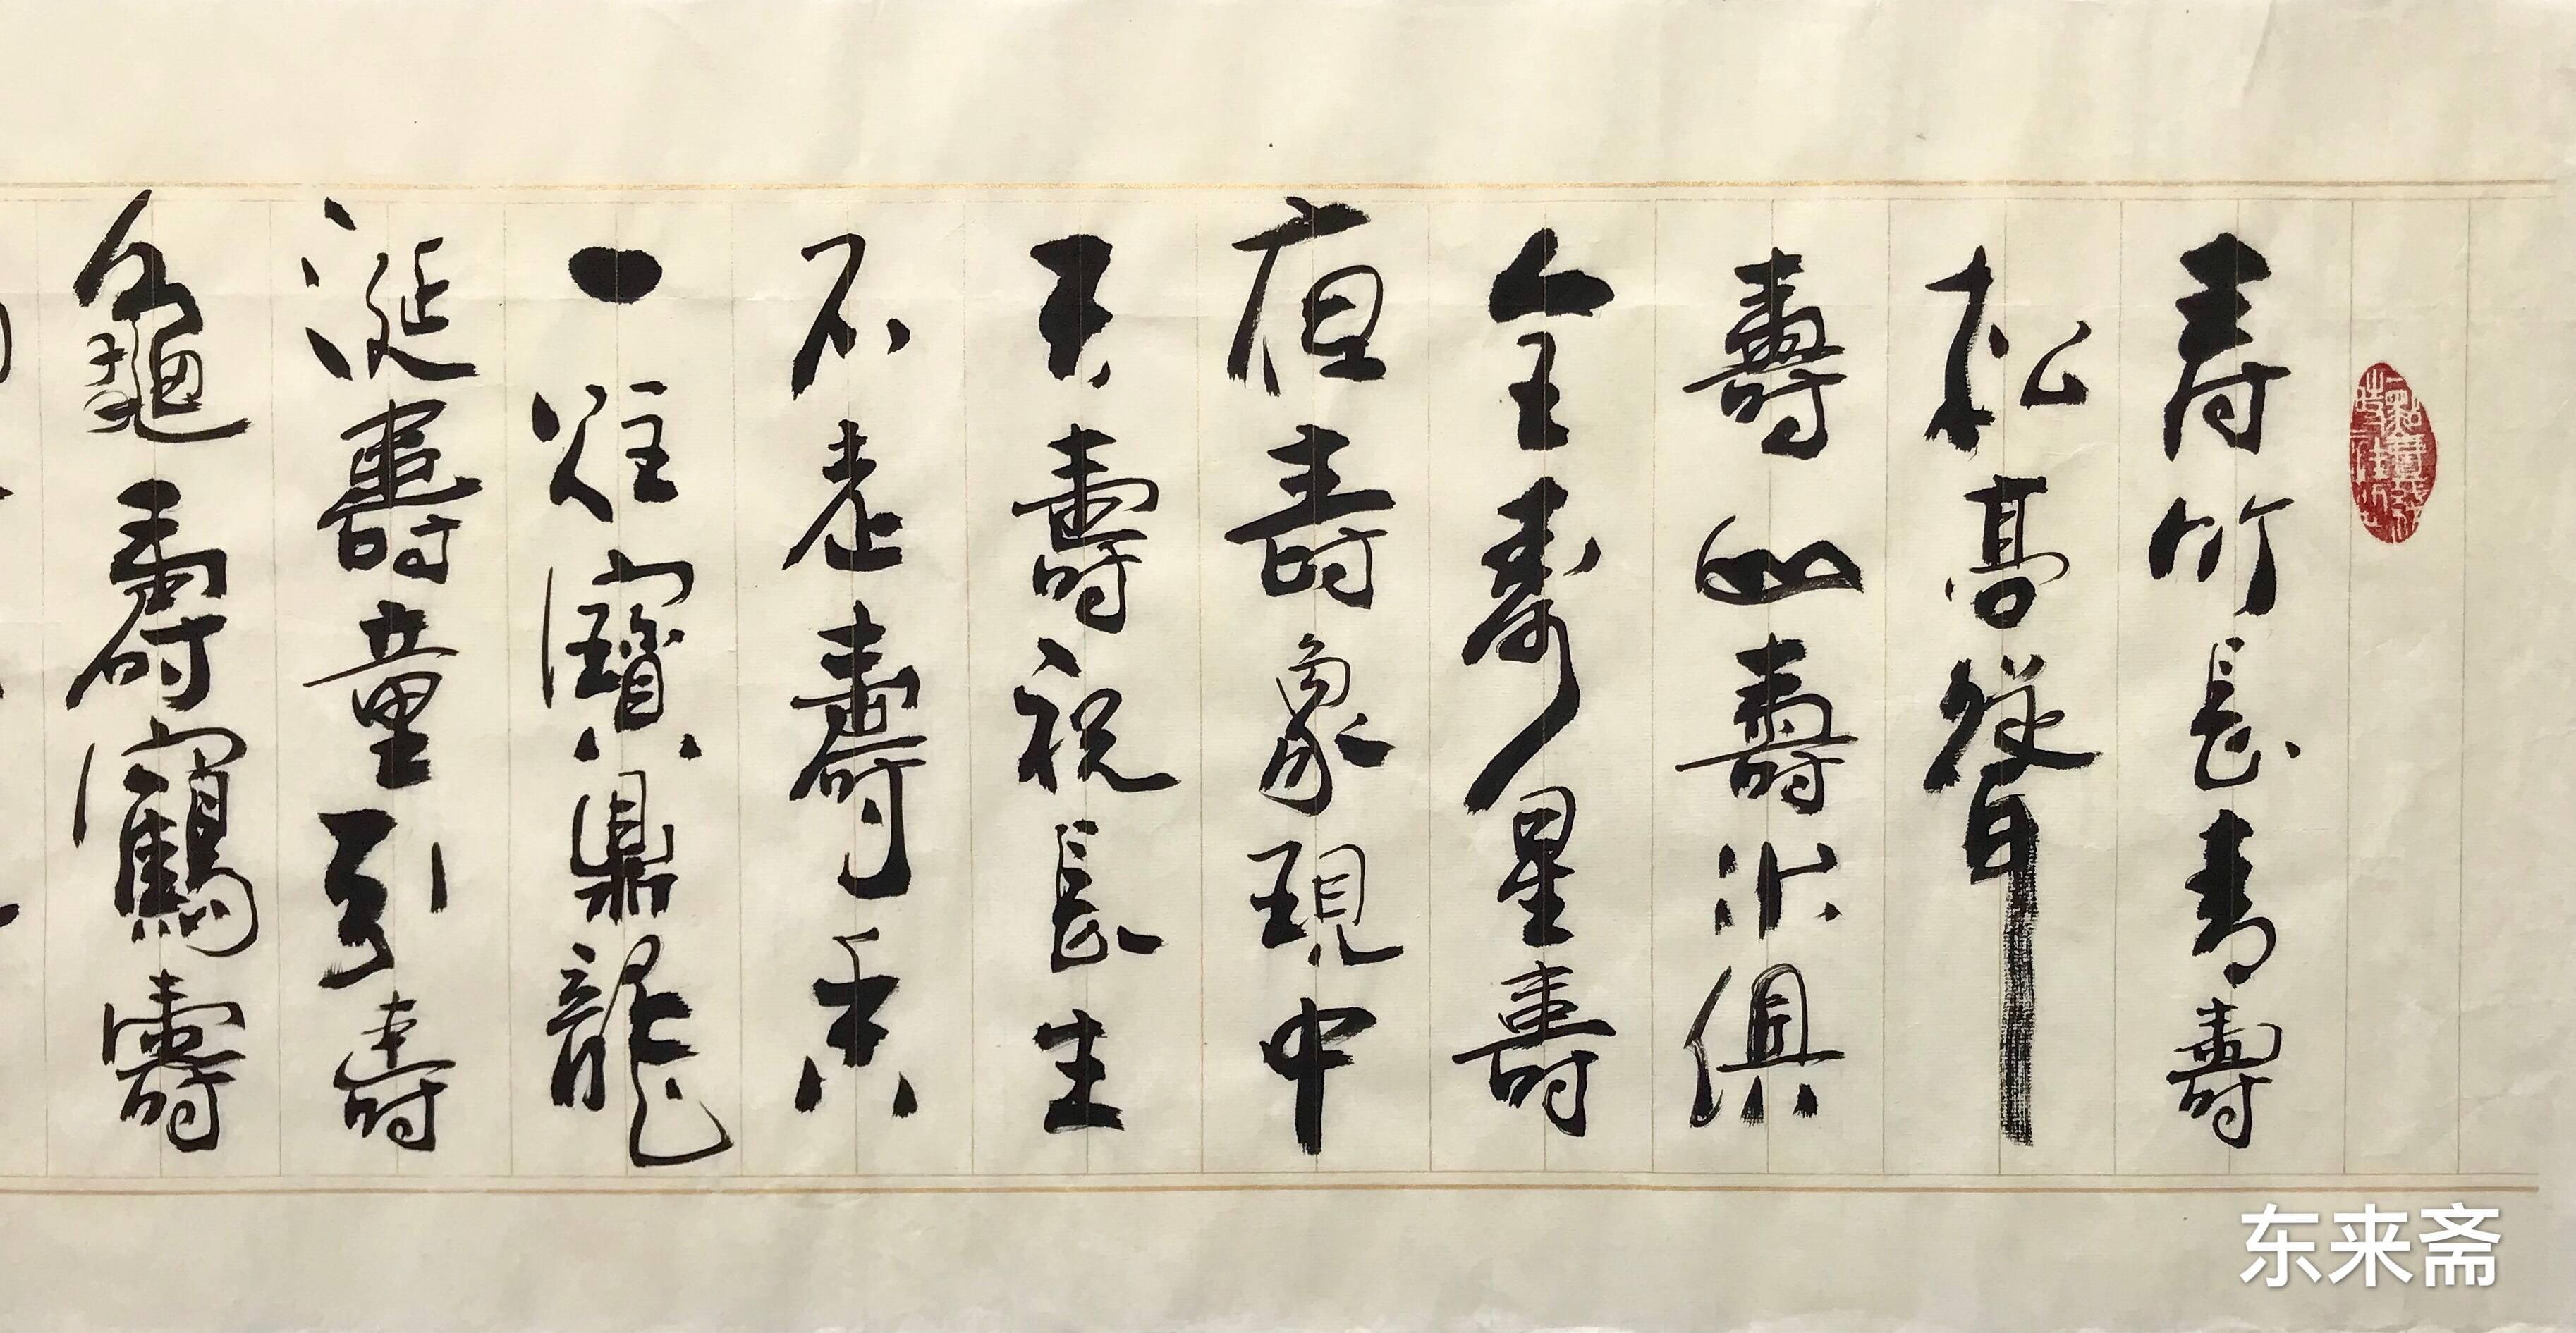 寿庆背景音乐